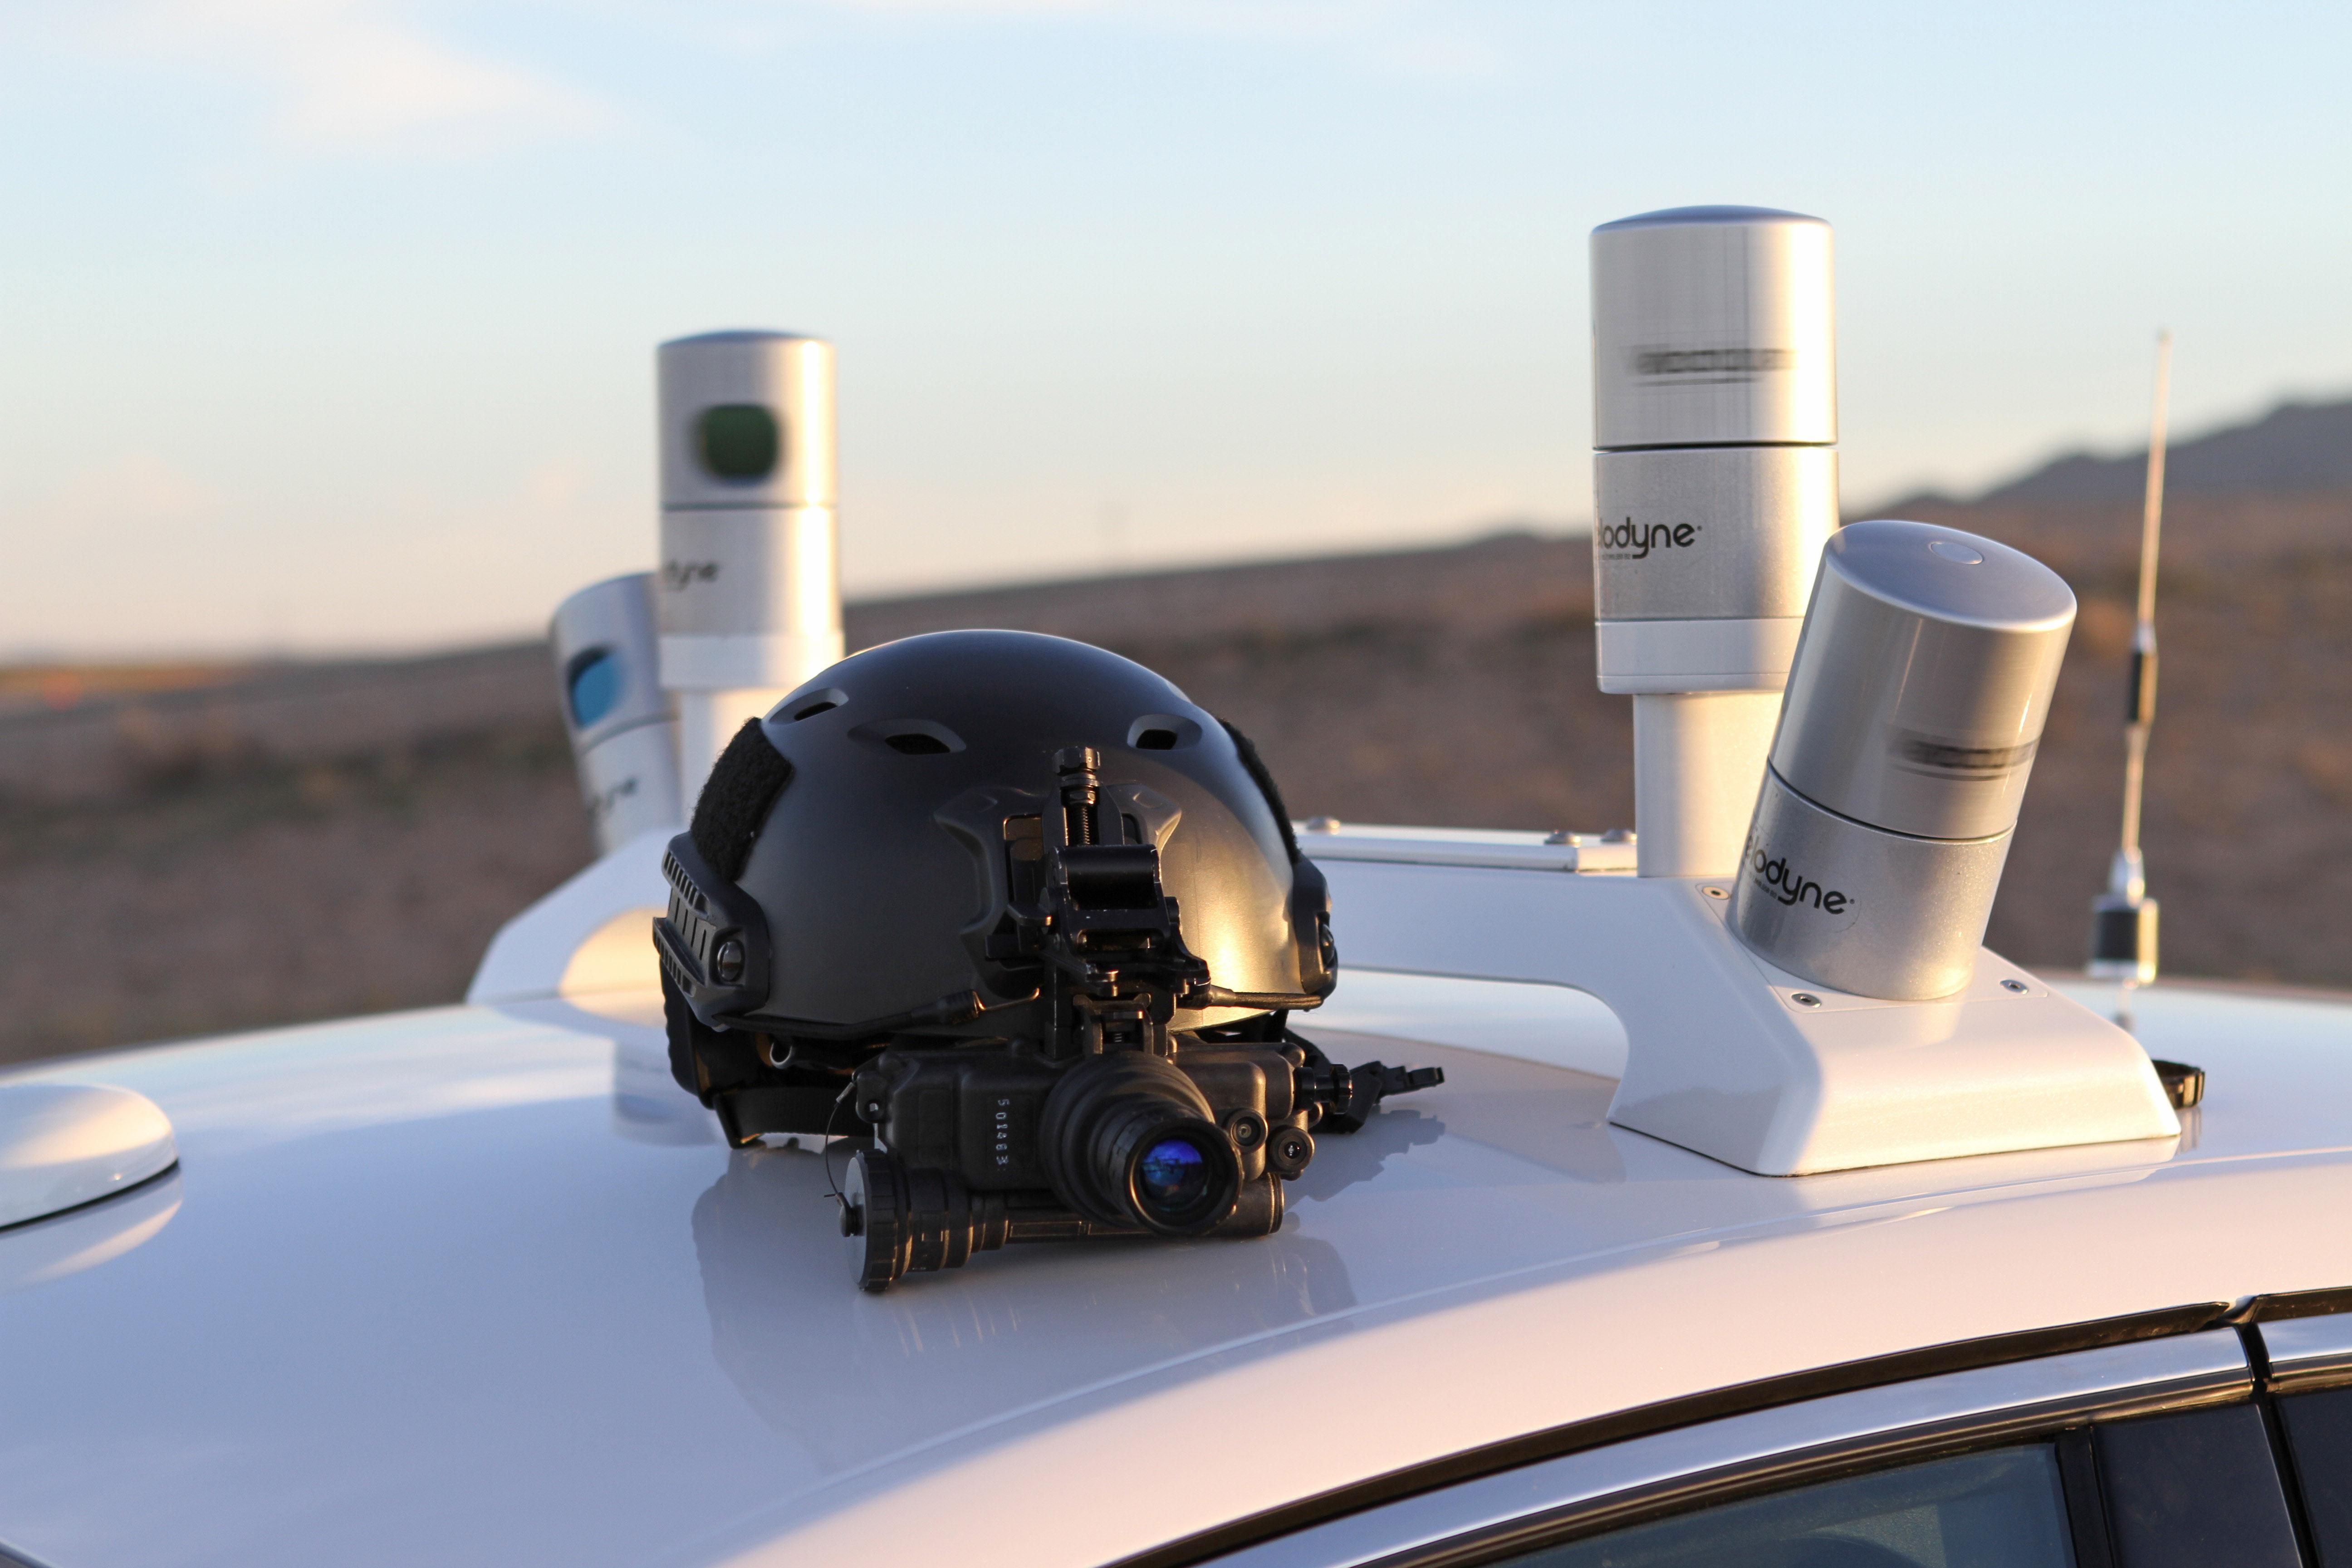 Autonomous cars require complex LiDar scanners